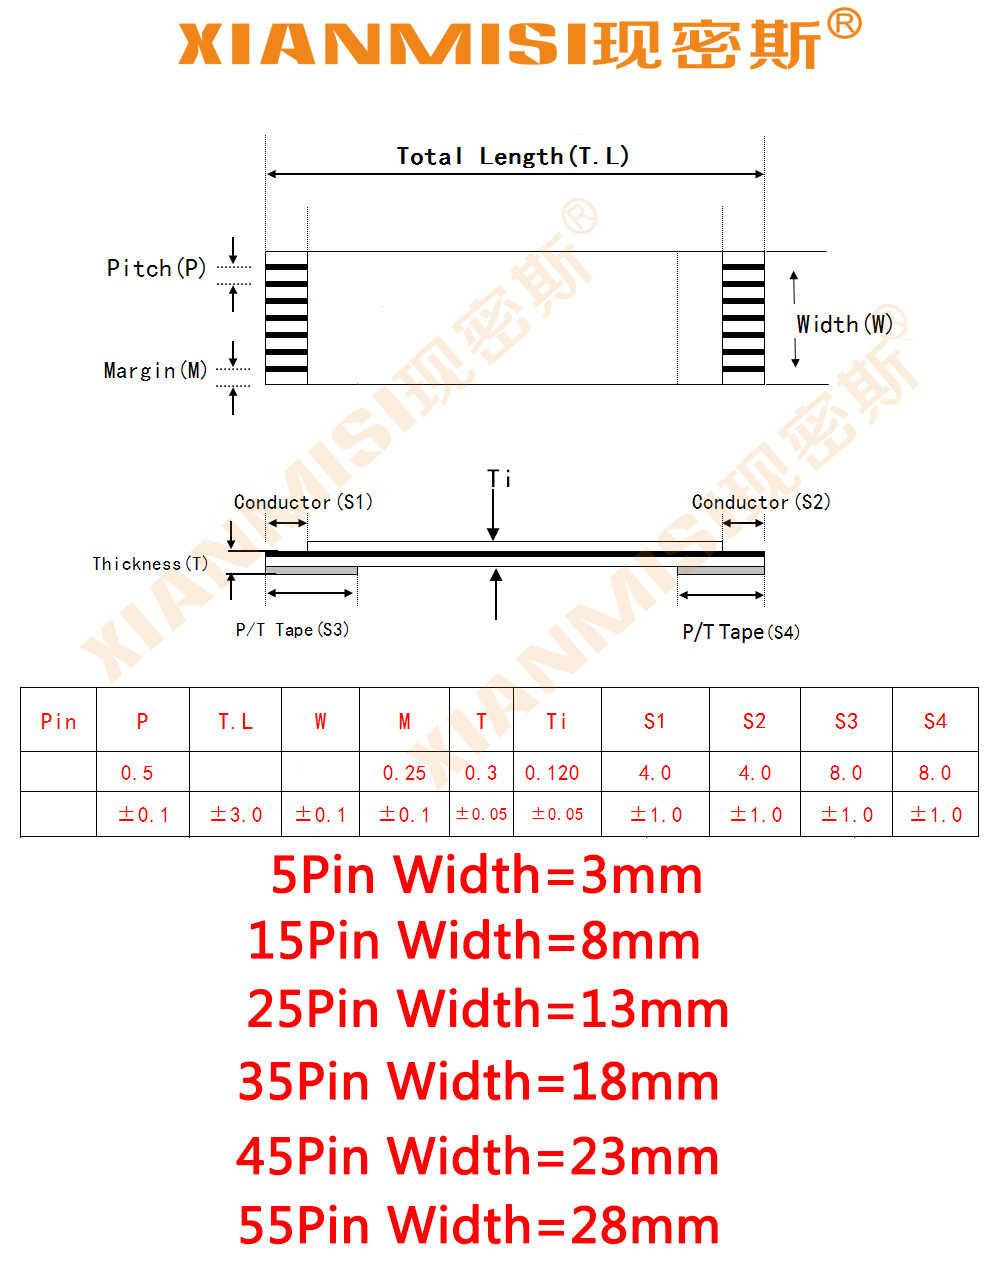 FFC/FPC Platte Flex Lint Kabel 5Pin 15Pin 25Pin 35Pin 45Pin 55Pin dezelfde Kant 0.5mm Pitch AWM VW-1 20798 80C 60 V Lengte 5 cm 5 STKS